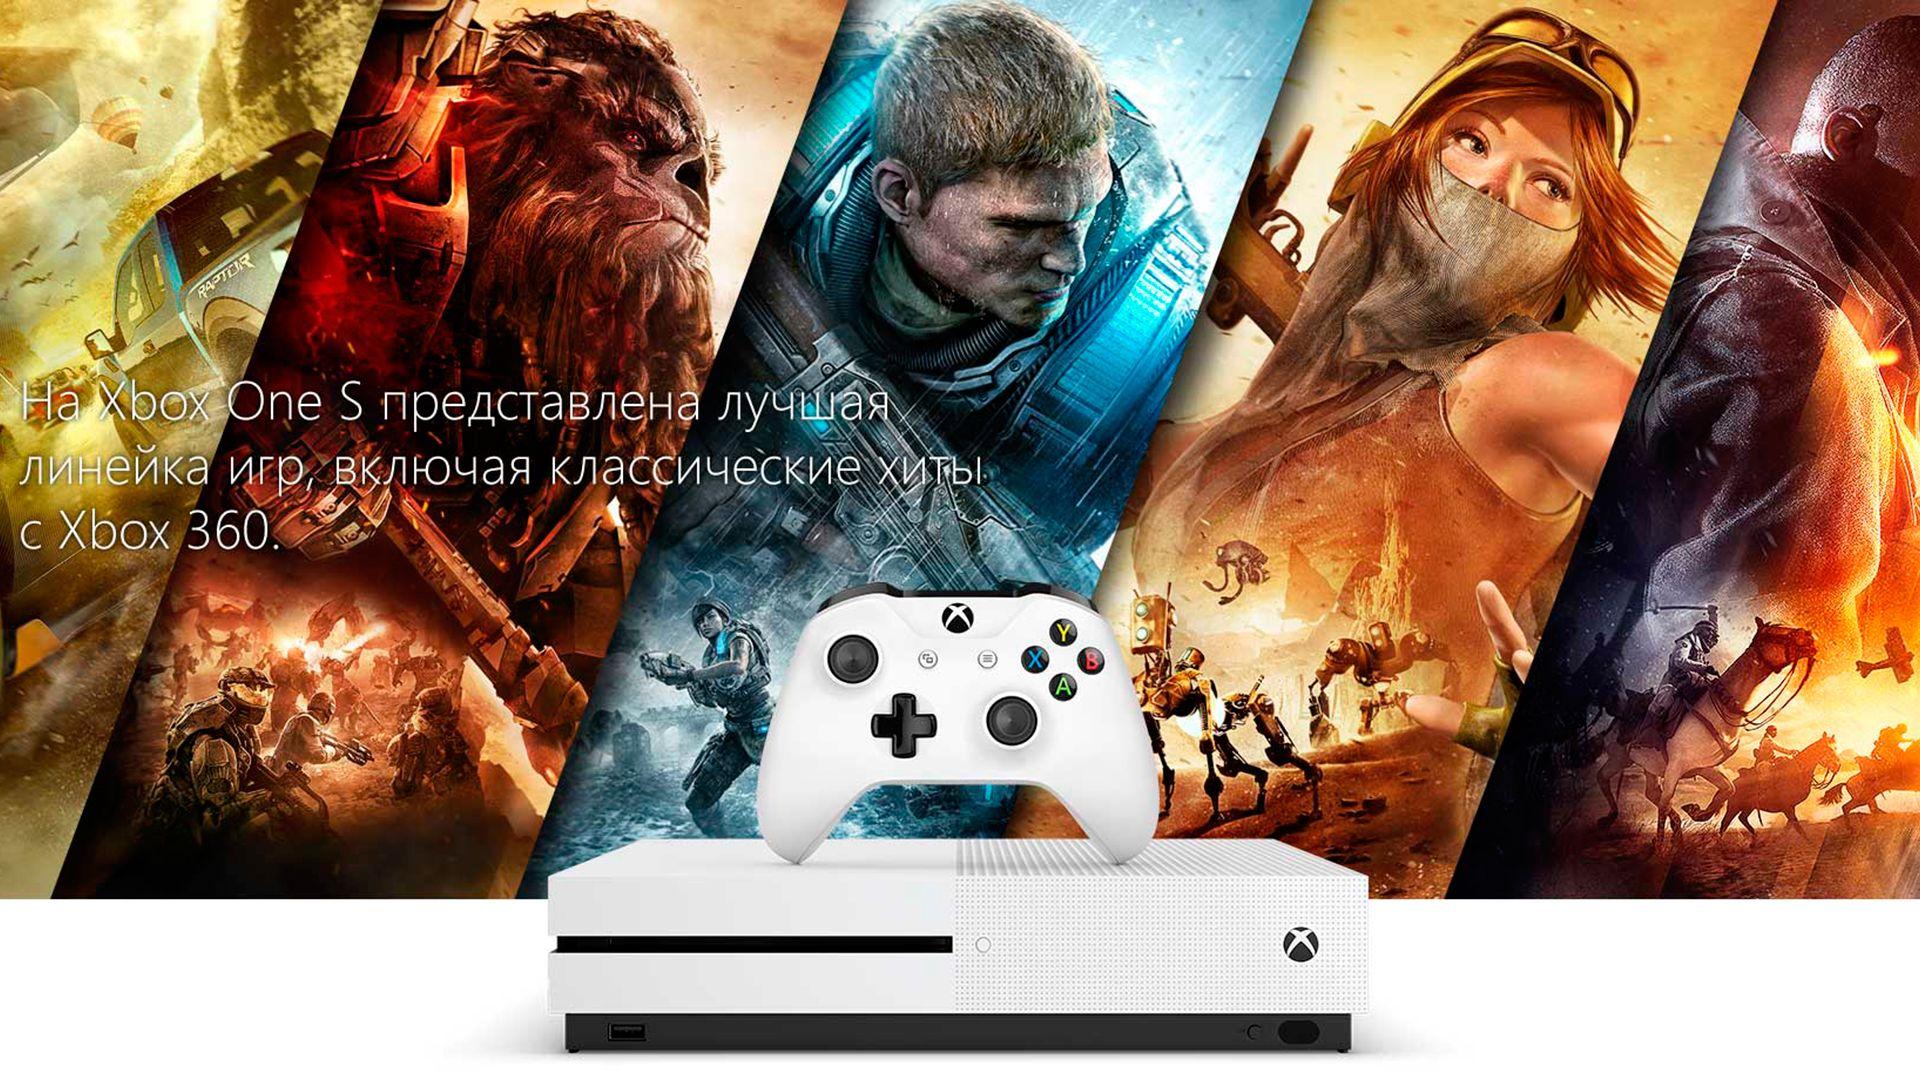 Xbox One S 500Gb 2 джойстика изображение 1